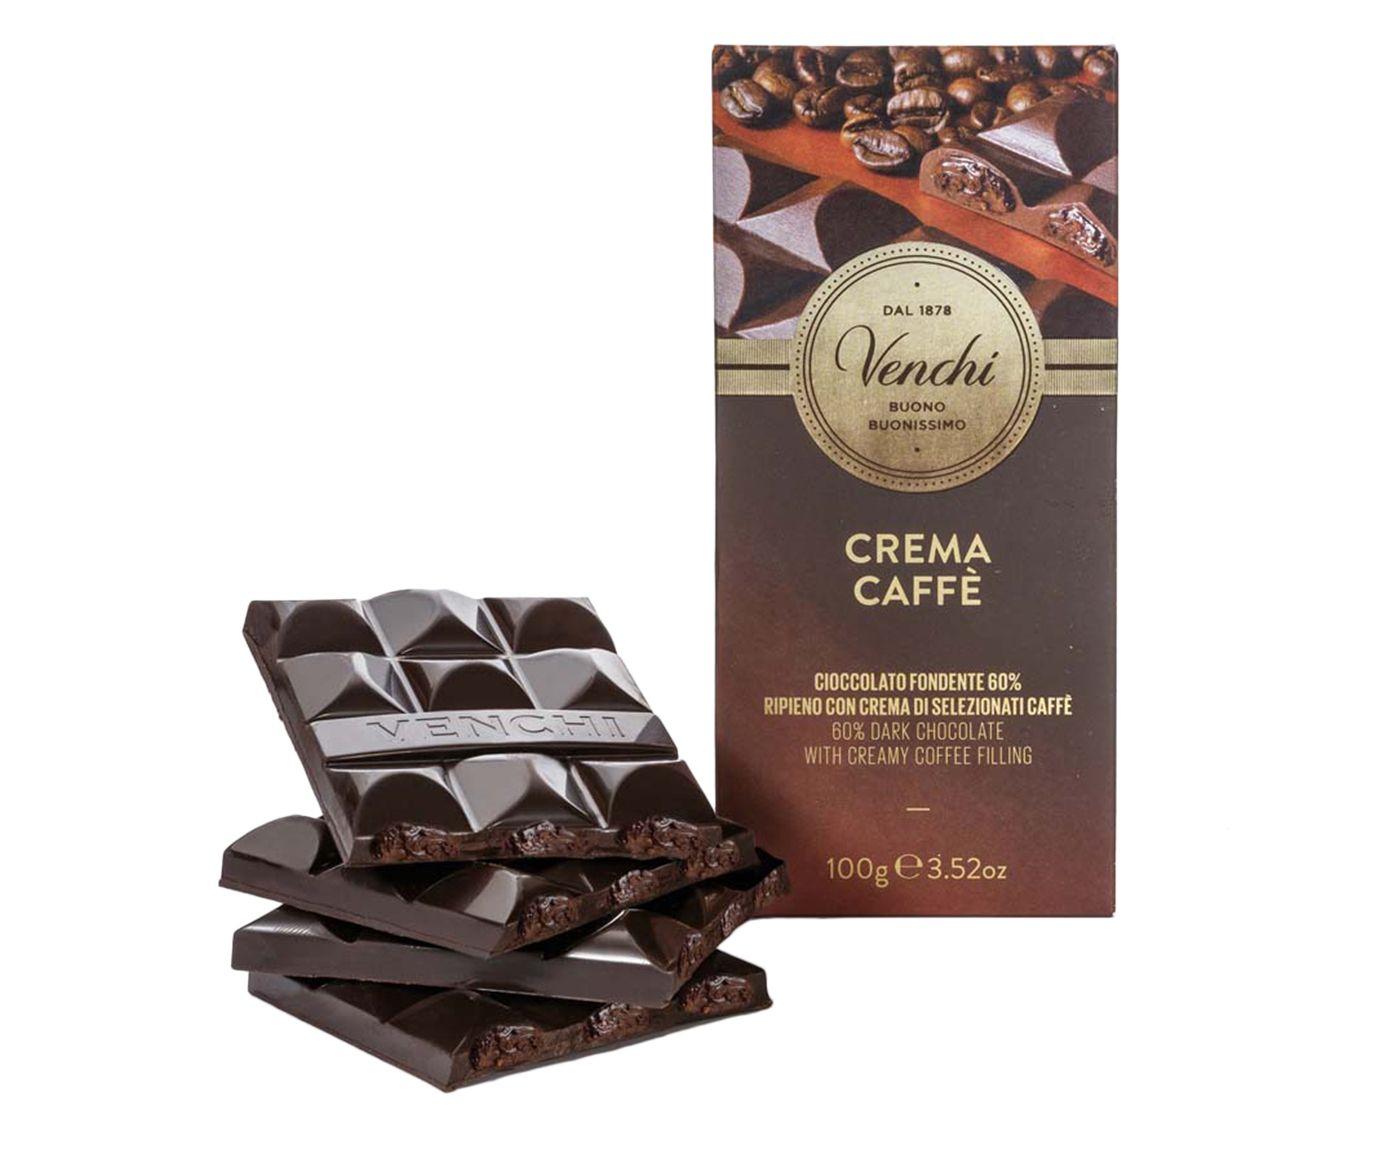 Barra de Chocolate com 60% de Cacau e Creme de Café - 100G   Westwing.com.br